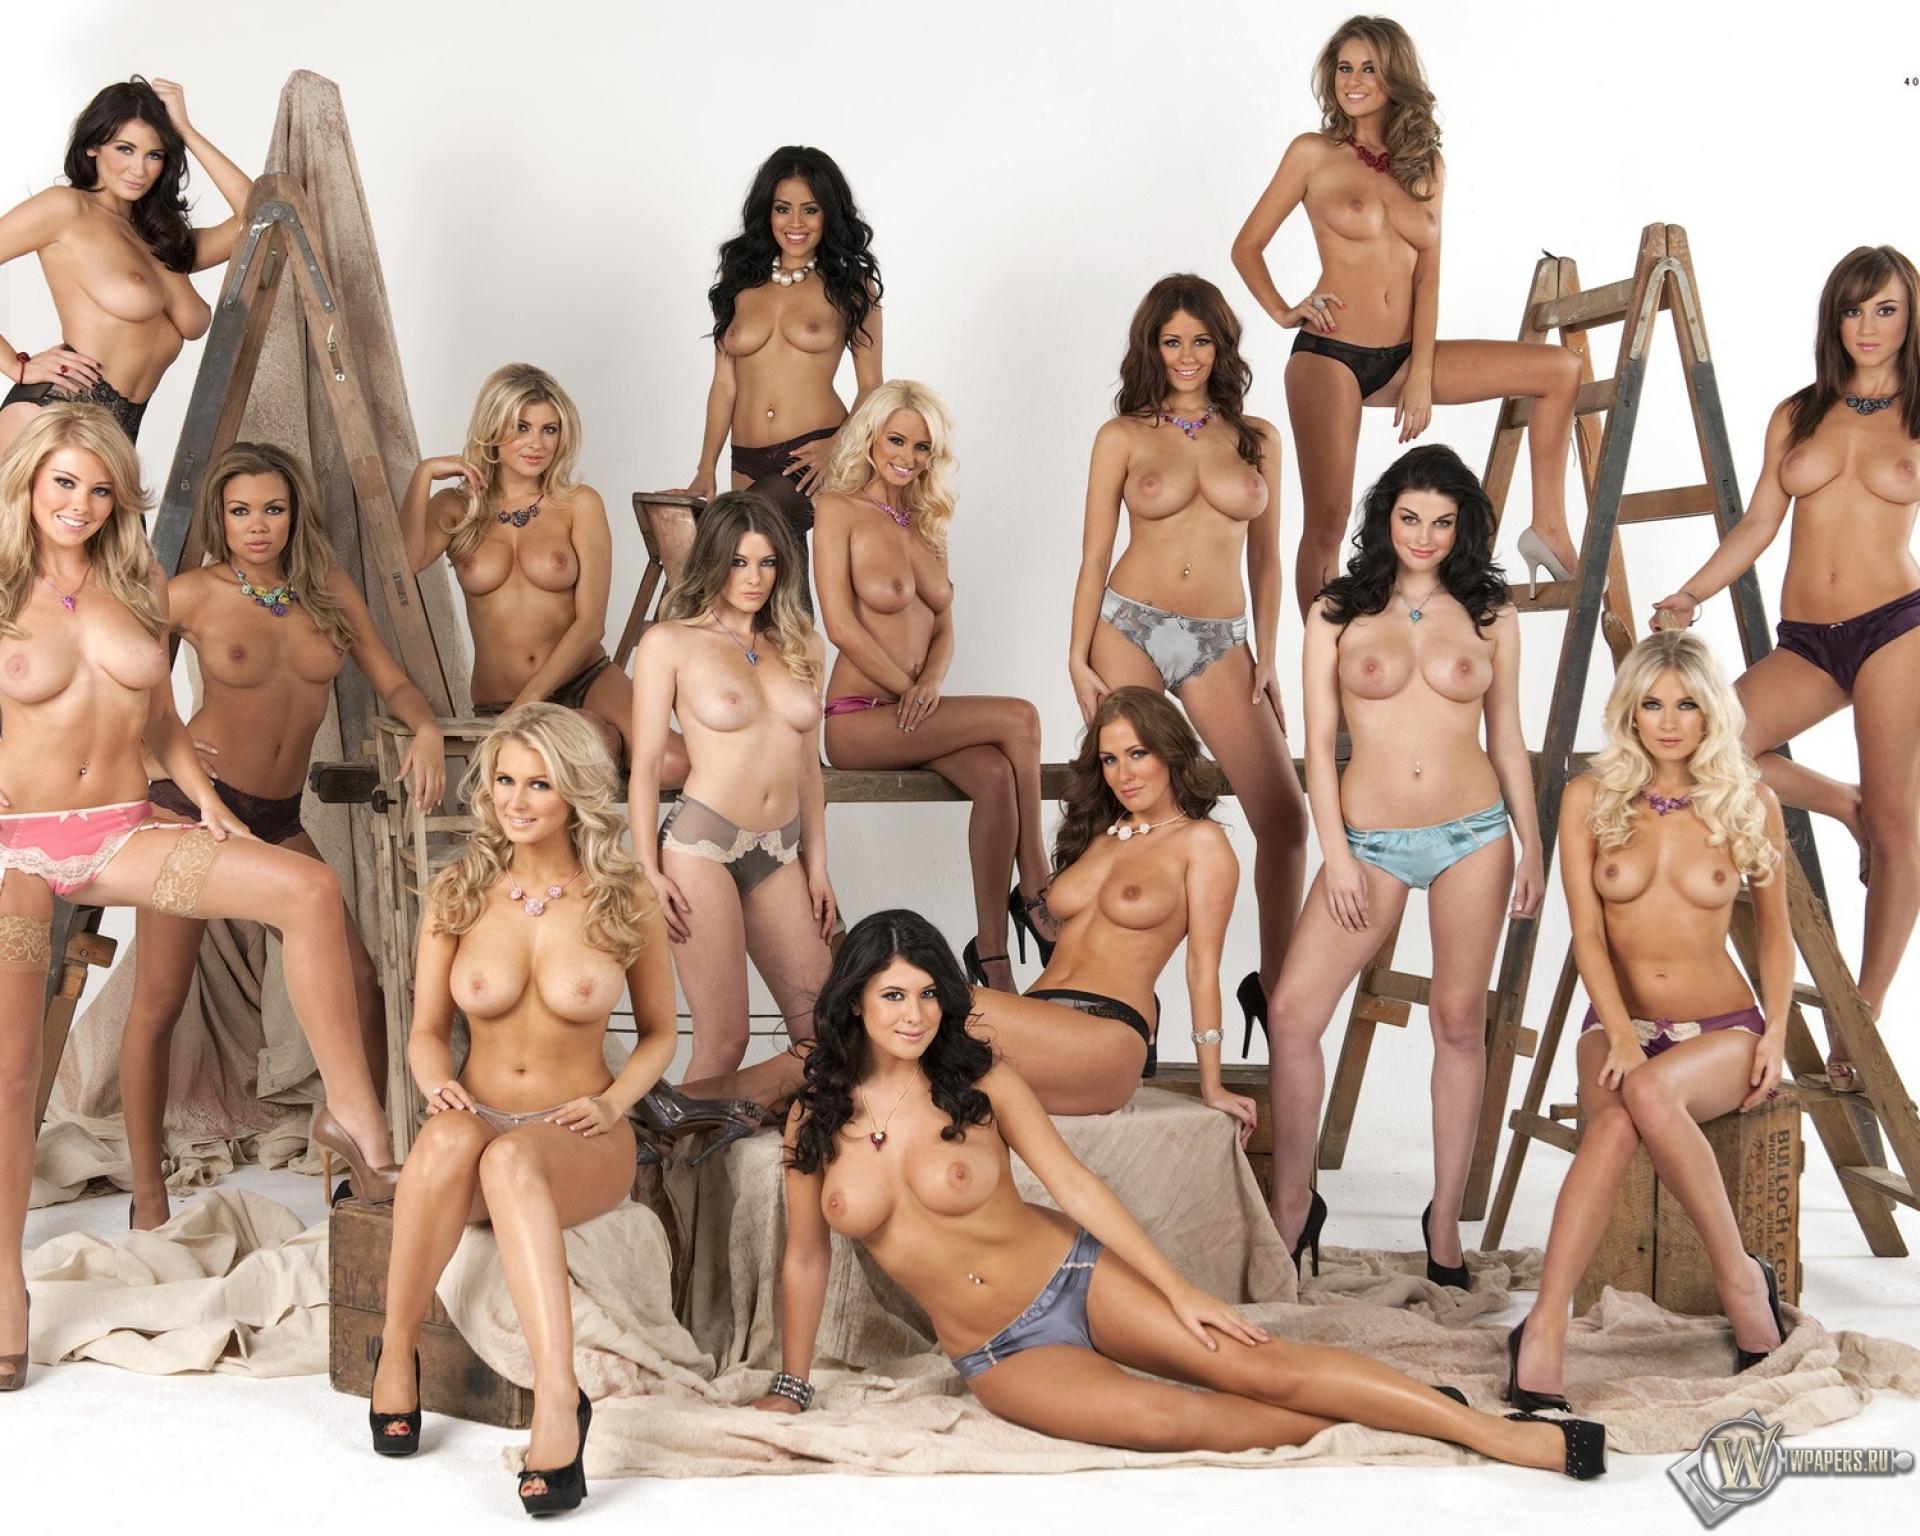 Фото с большим количеством голых женщин на одной фотографии дрочит